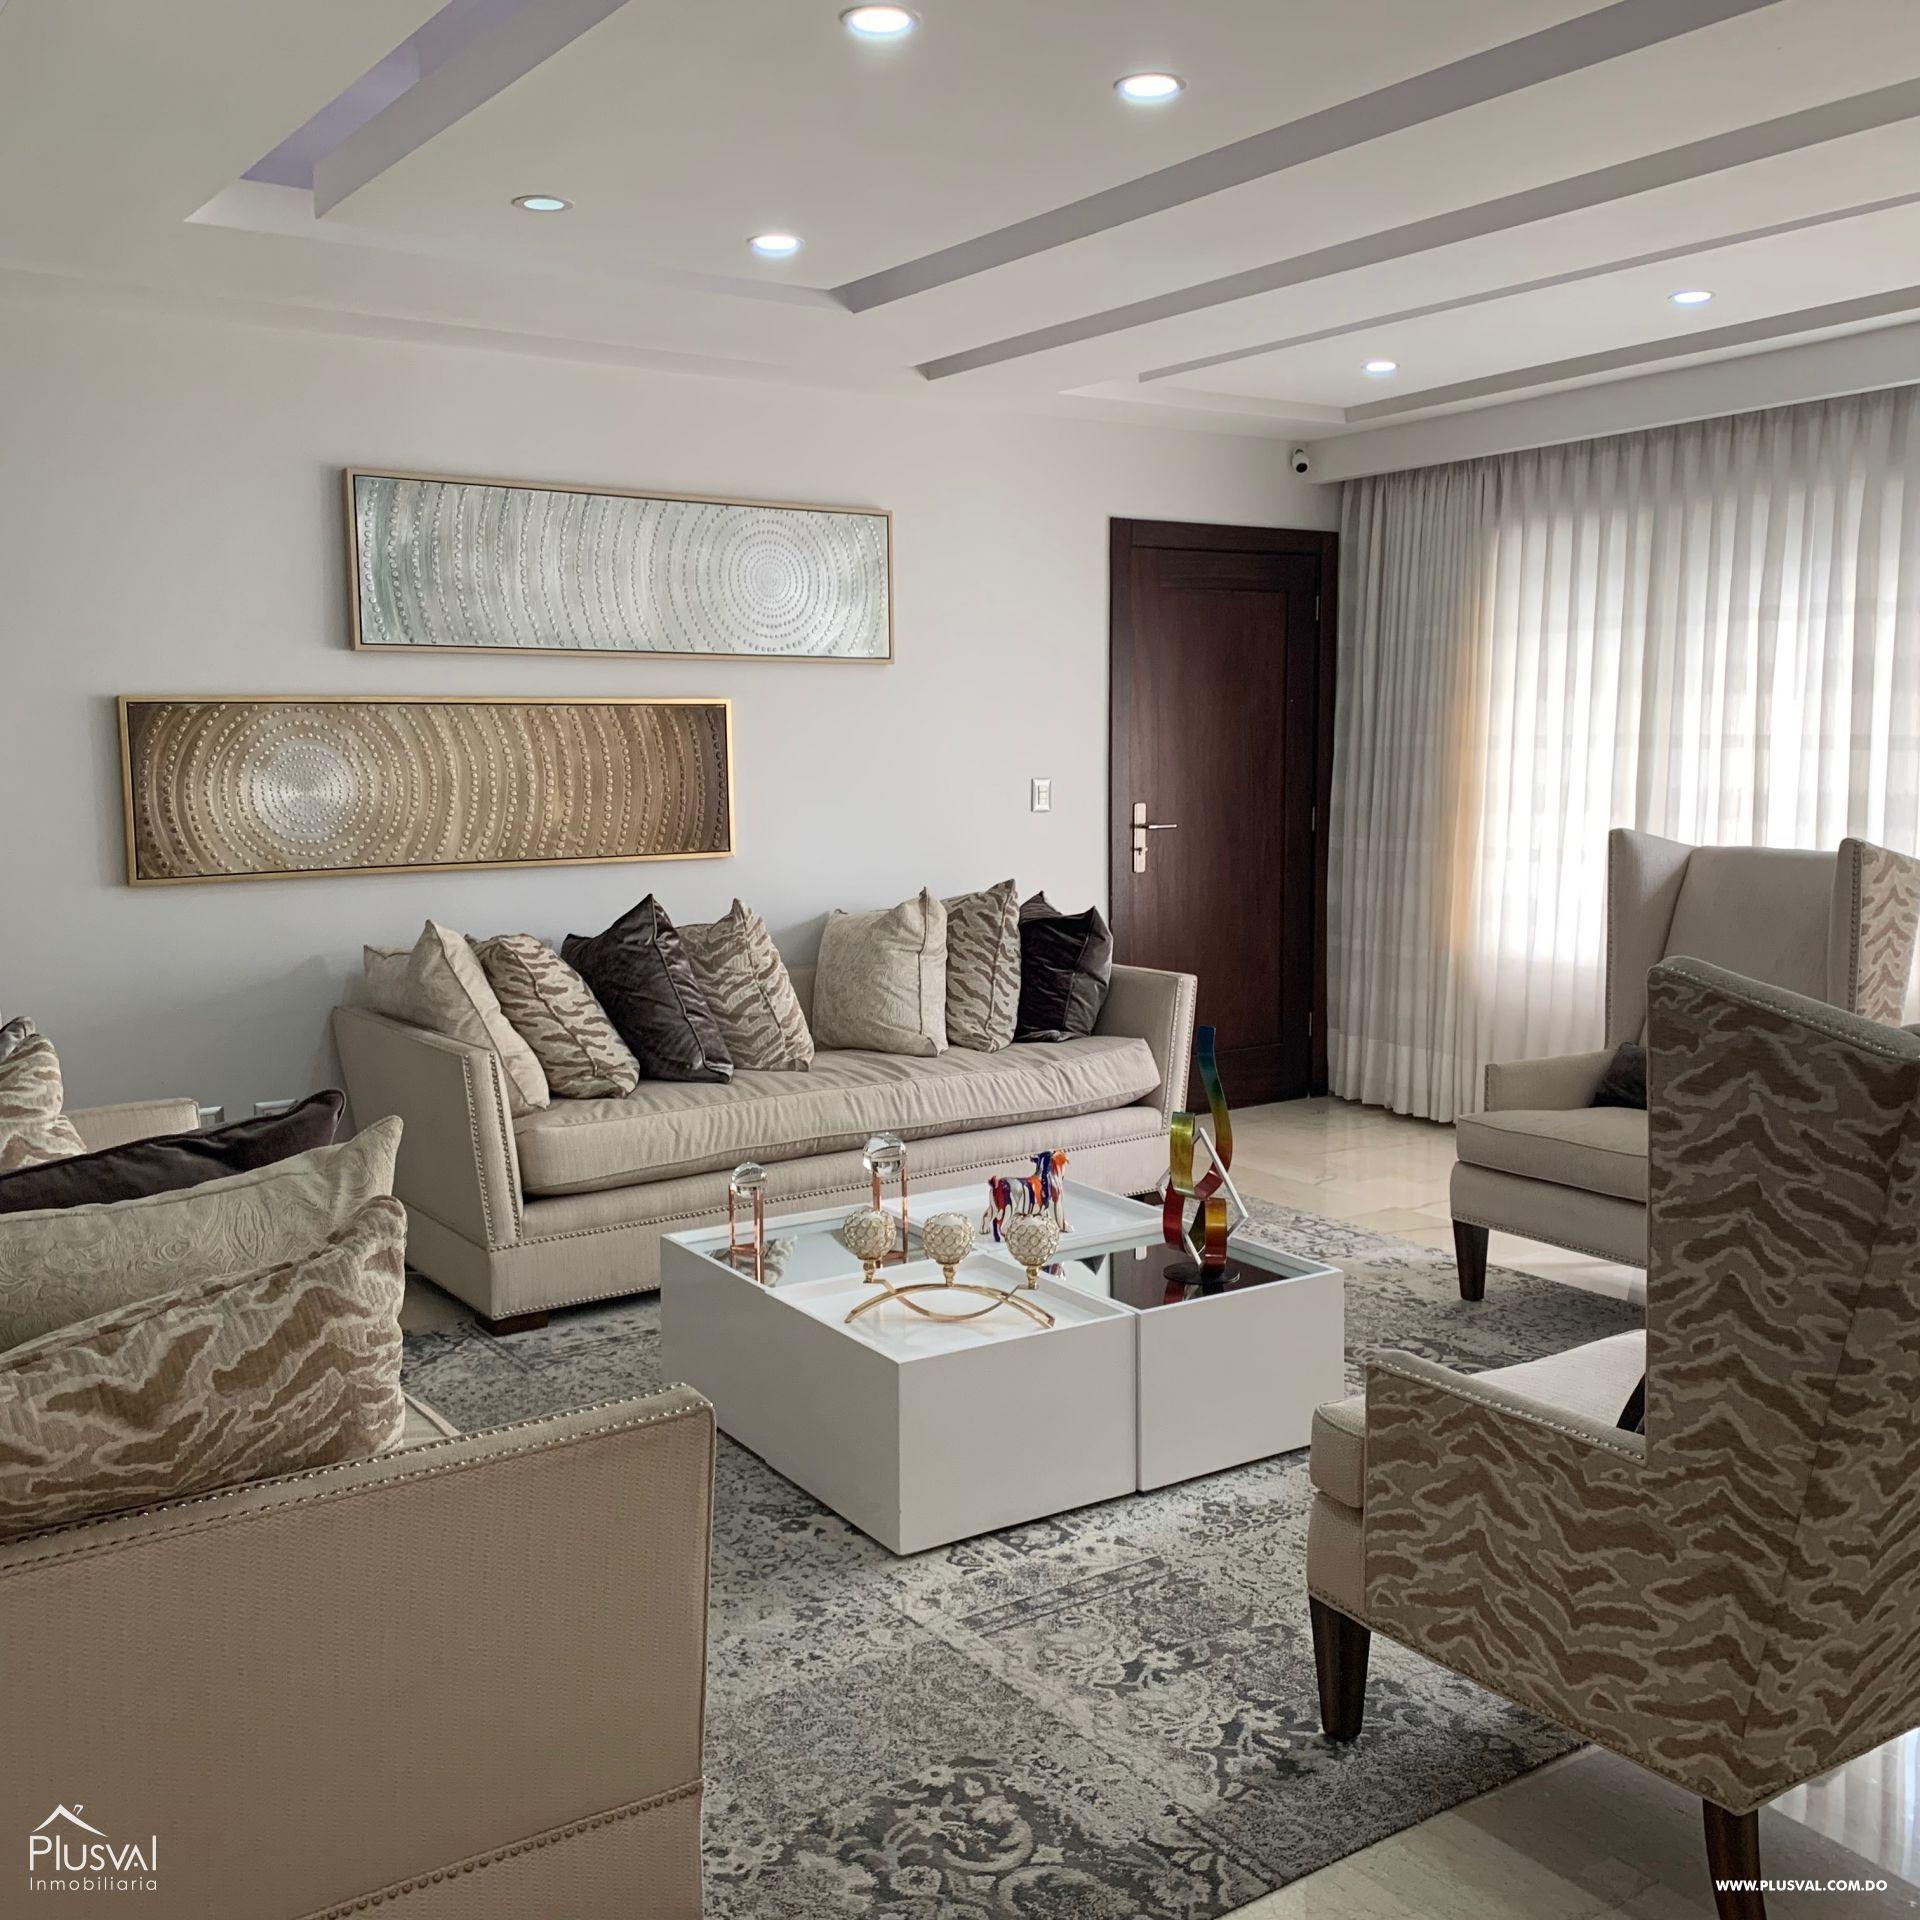 Amplio apartamento de 240 mts 2 en venta en Serralles en torre uno por piso.